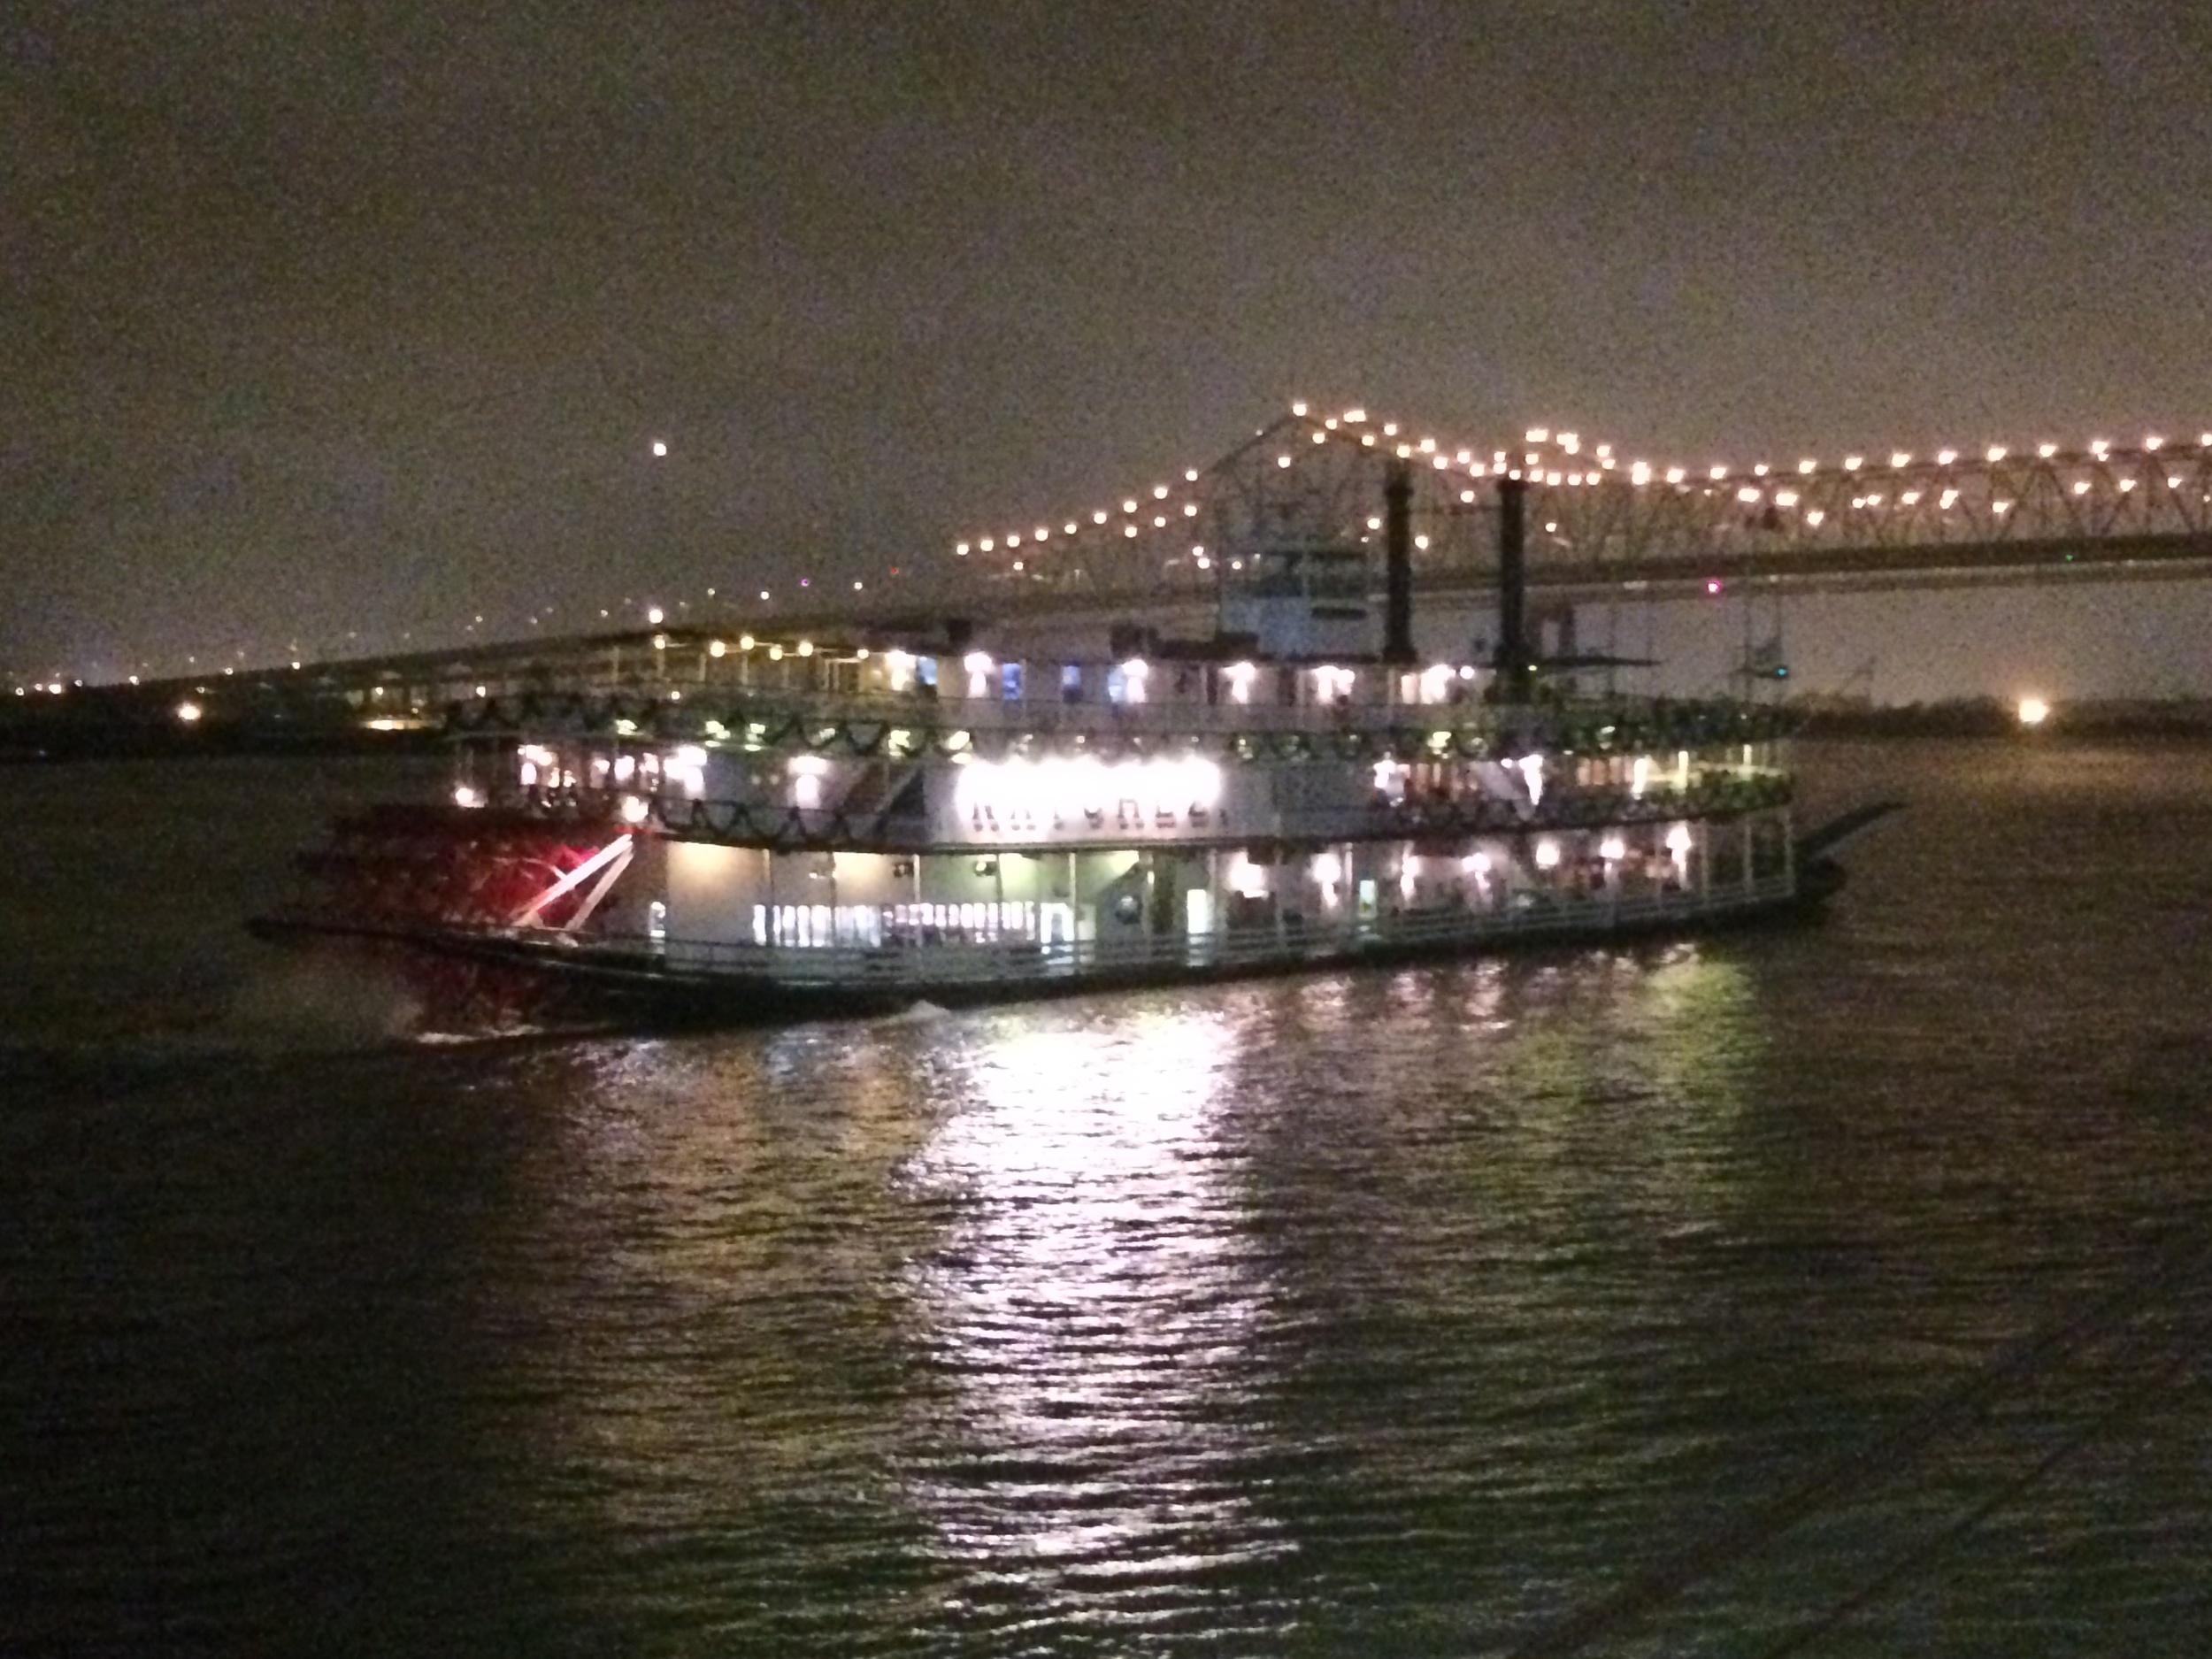 Um barco a vapor menor, mas semelhante ao nosso, na saída de Nova Orleans.